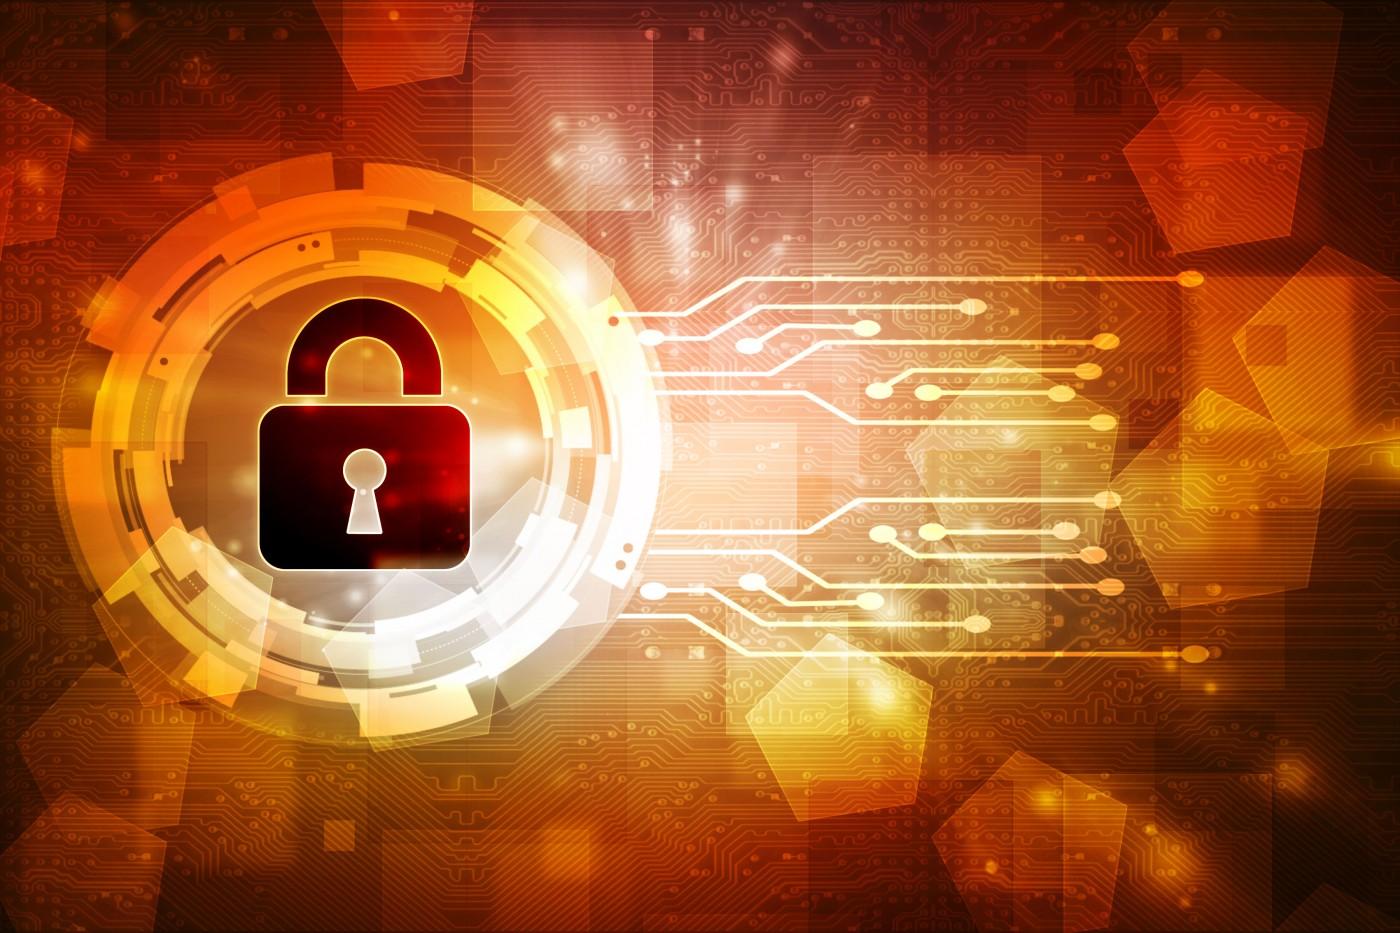 開放資料必須找到商業模式,鎖定B2B小企業的需求